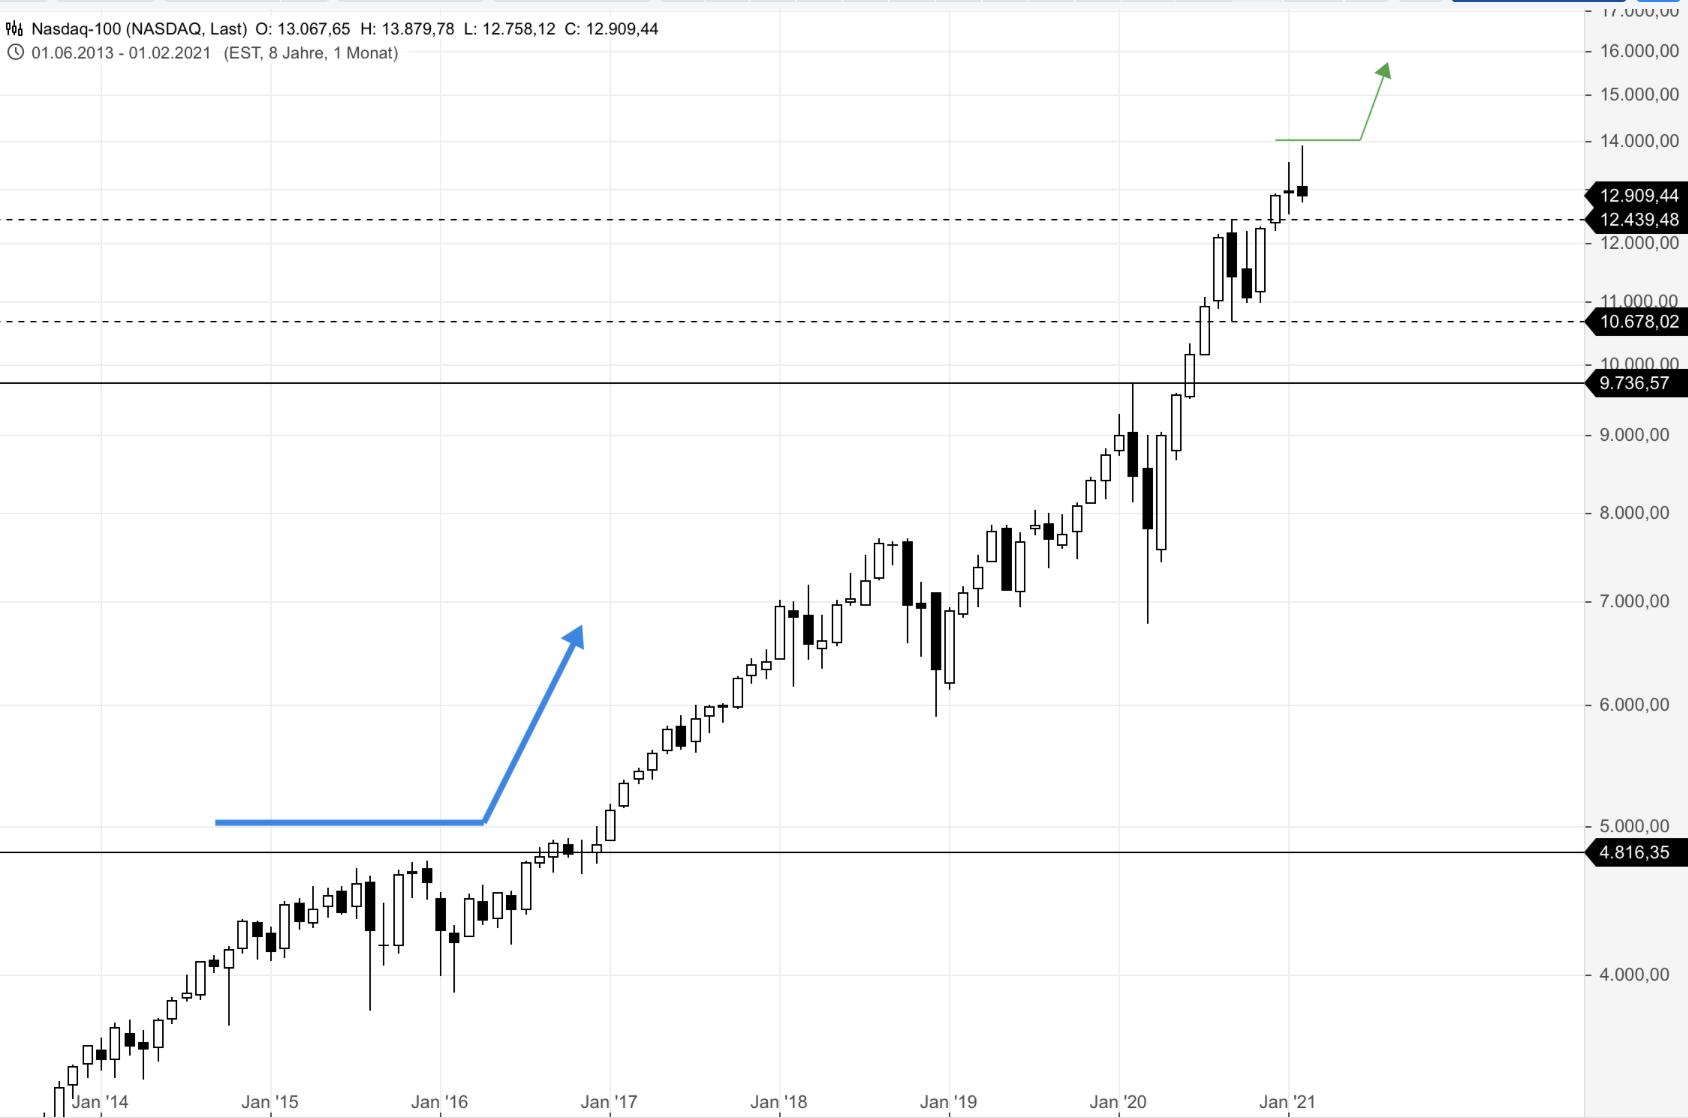 NASDAQ100-BIG-PICTURE-Klares-Doppeldochtsignal-warnt-Chartanalyse-Rocco-Gräfe-GodmodeTrader.de-1